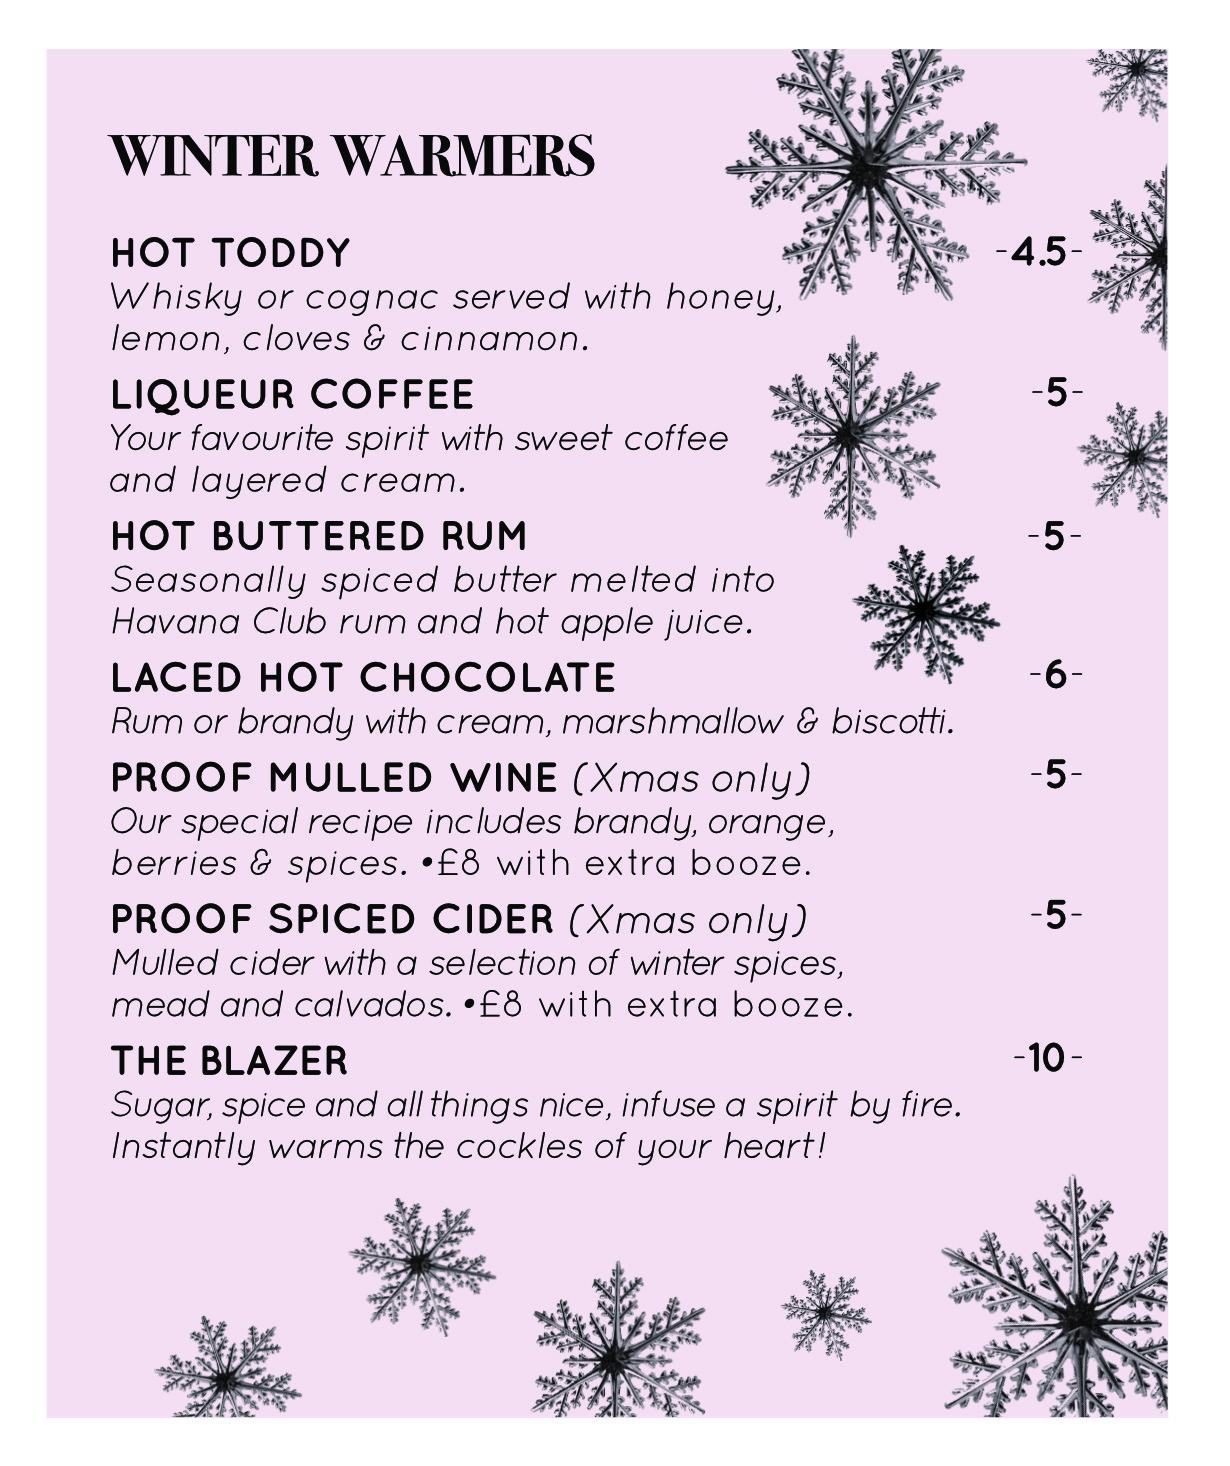 WinterWarmers